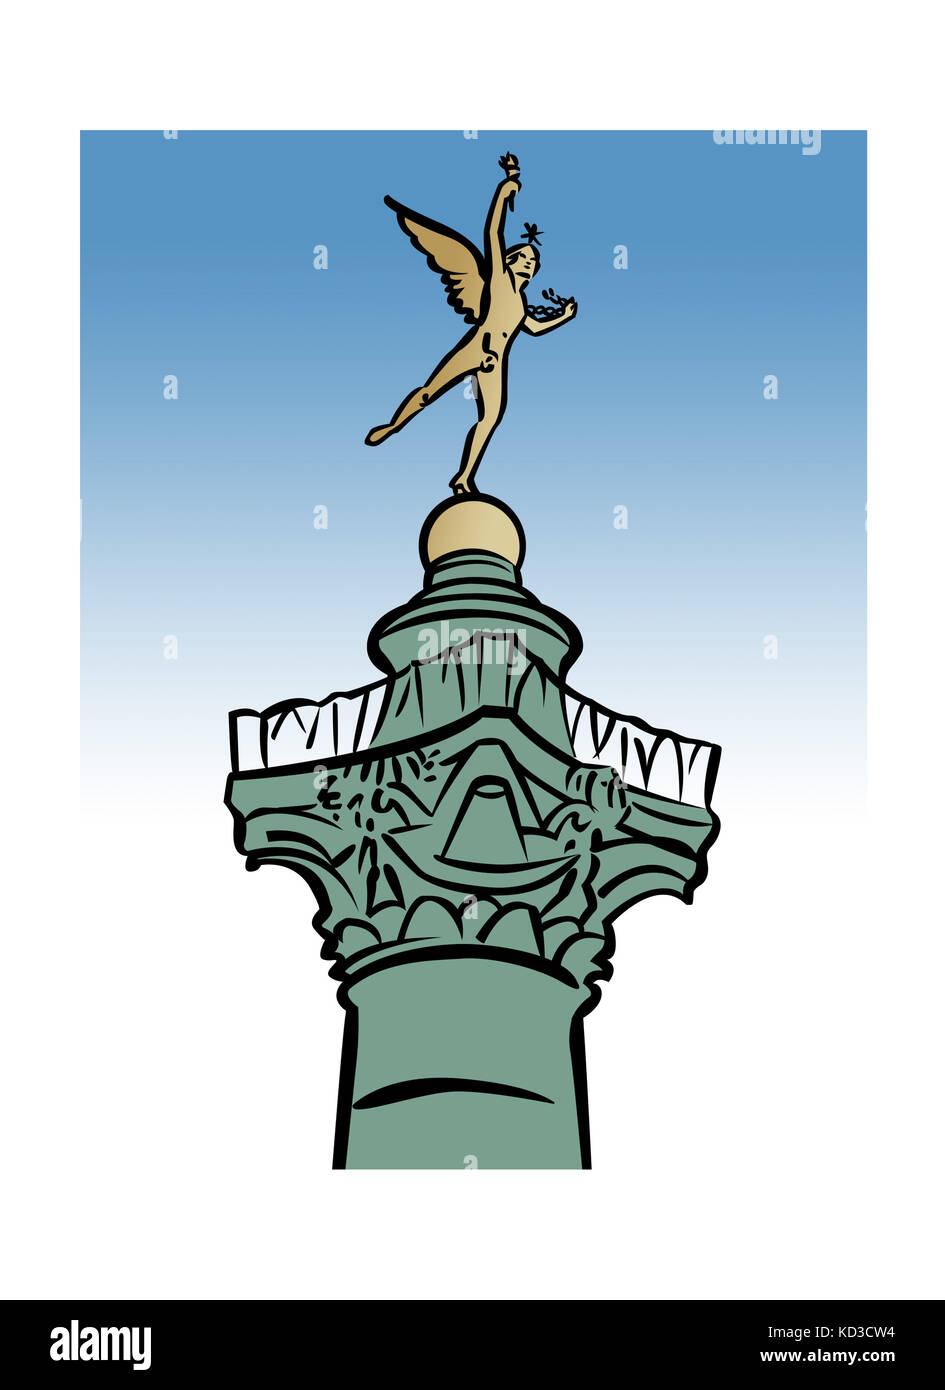 Illustration of the GŽnie de la LibertŽ statue atop the Colonne de Juillet, Place de la Bastille, Paris, France - Stock Image